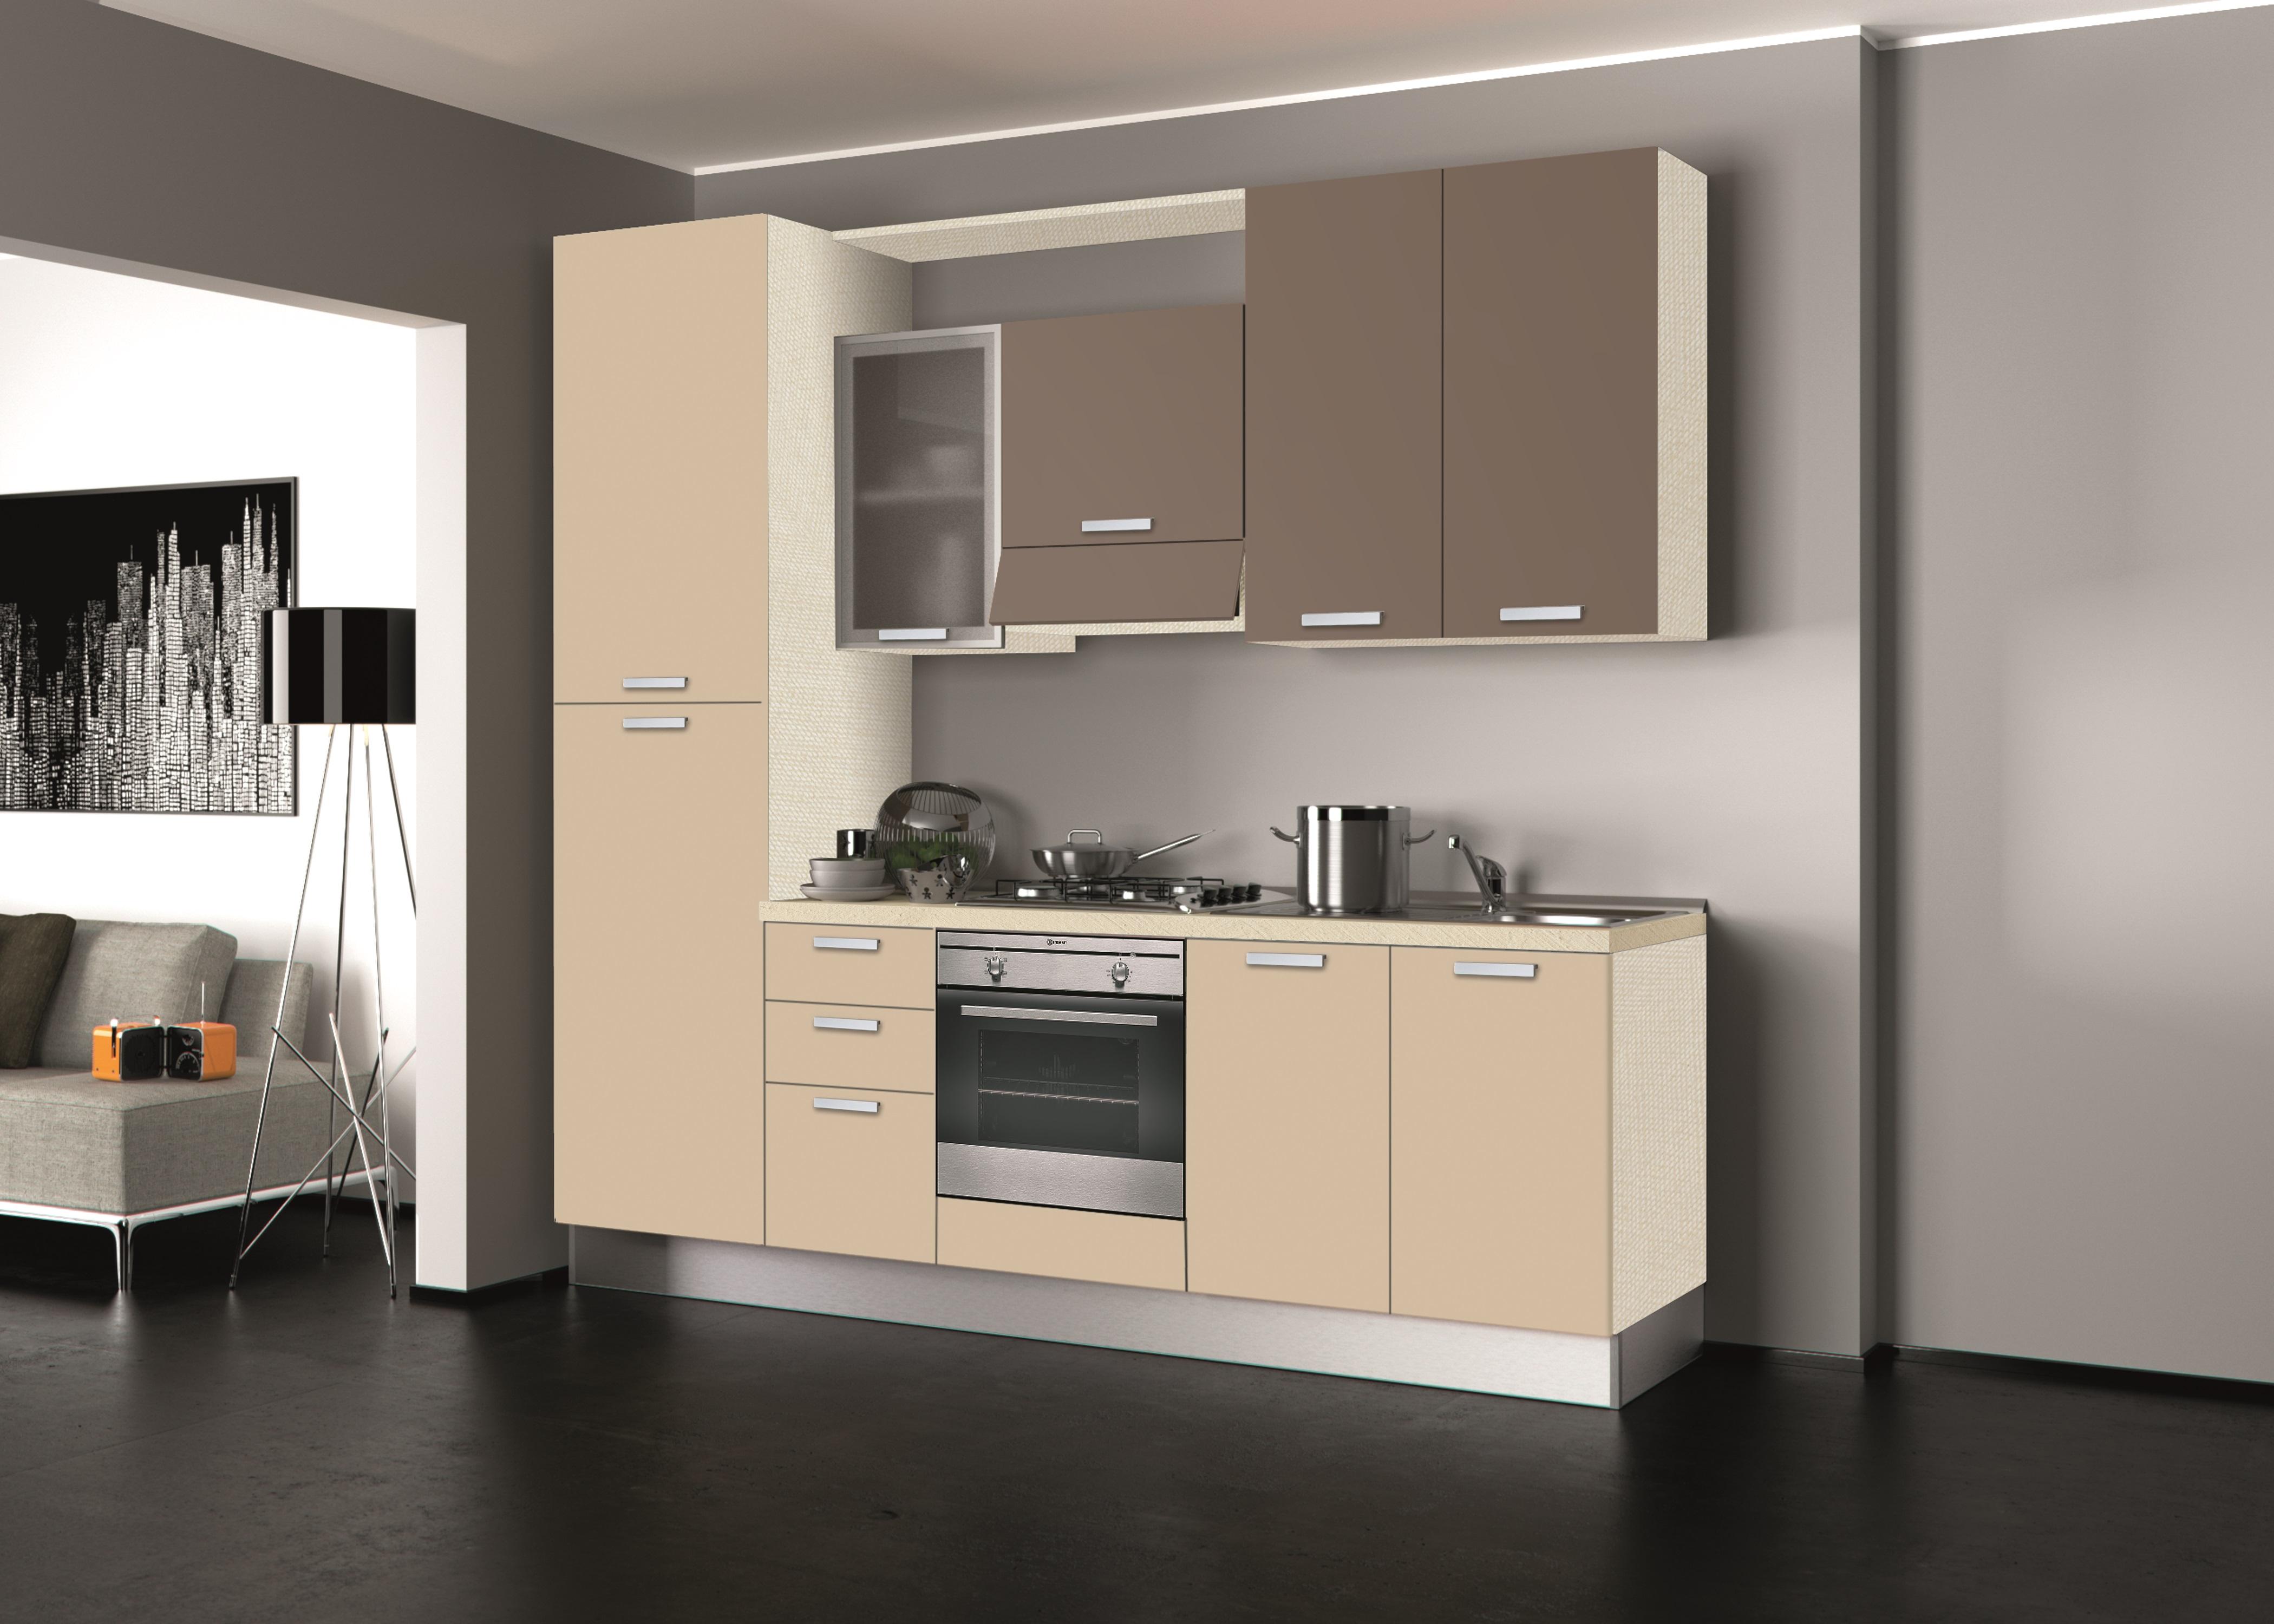 Promo 102 arredamenti centro cucine battistelli eric for Discount arredamenti